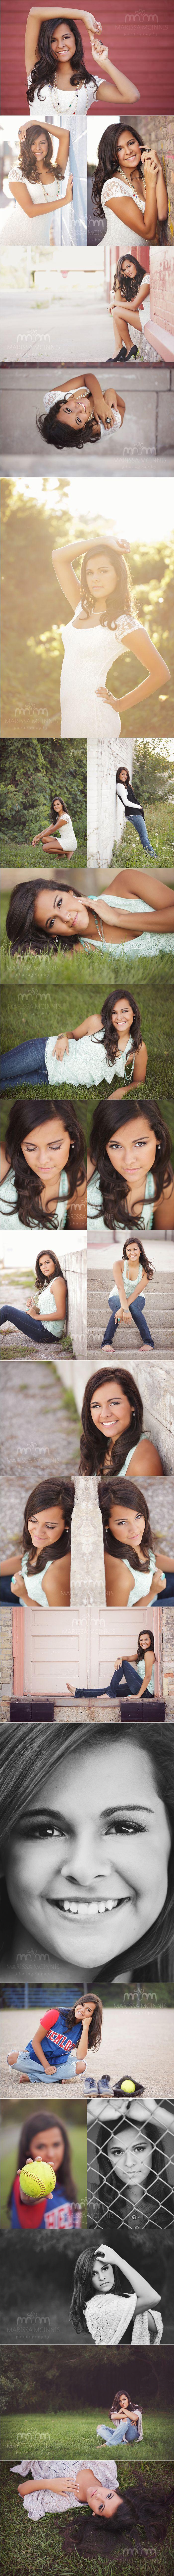 Senior Photo Ideas